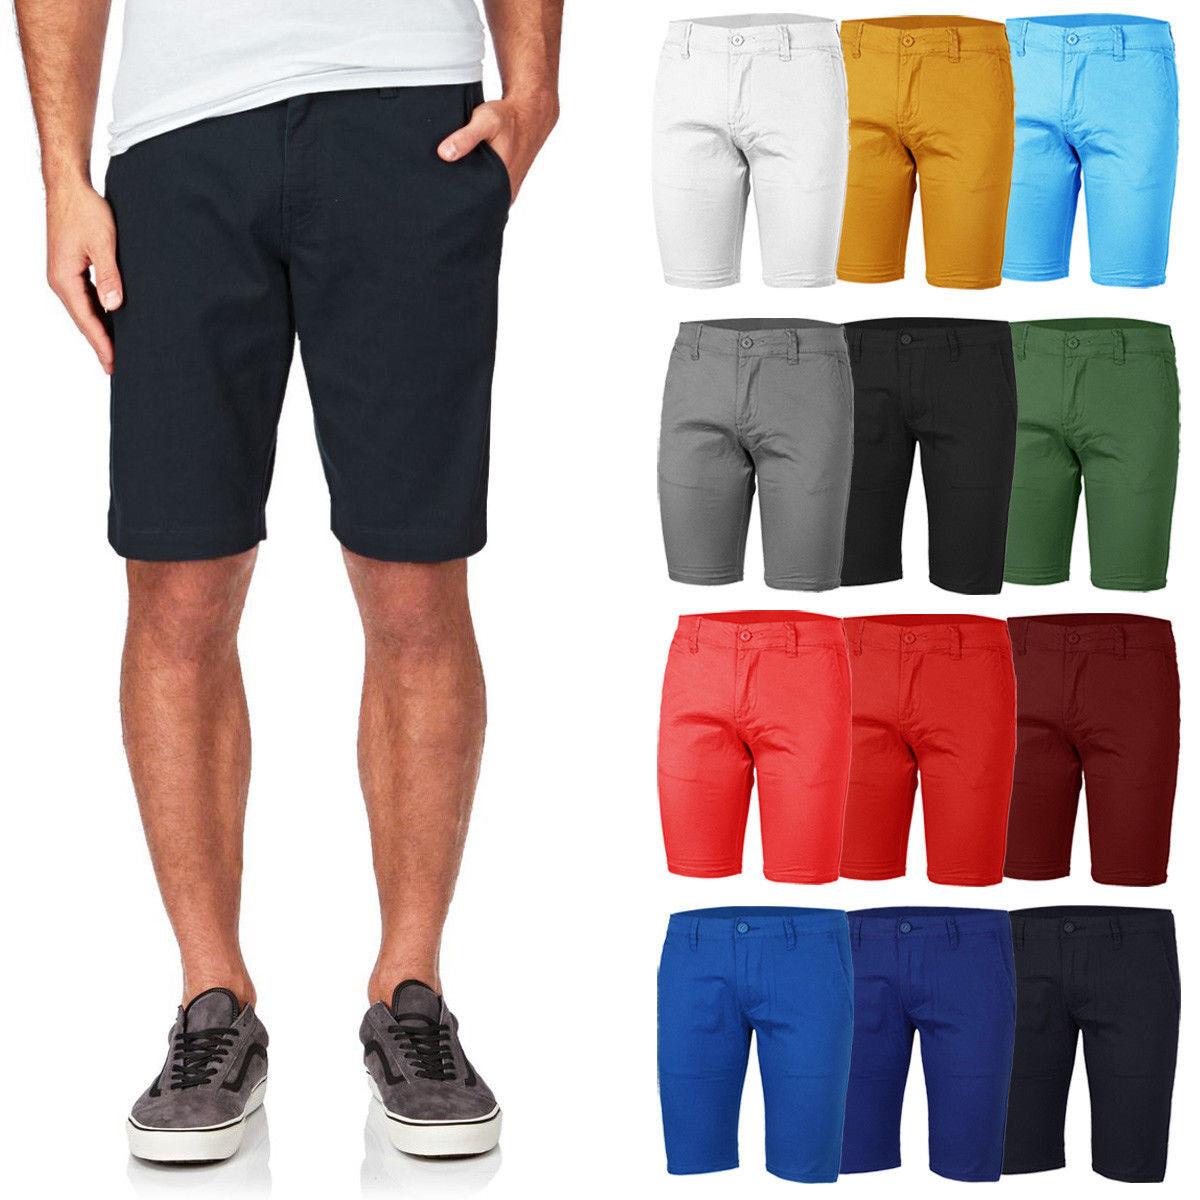 Pantalone Uomo Jeans Corto Cotone Bermuda Shorts Pantaloncino Casual Da 42 54